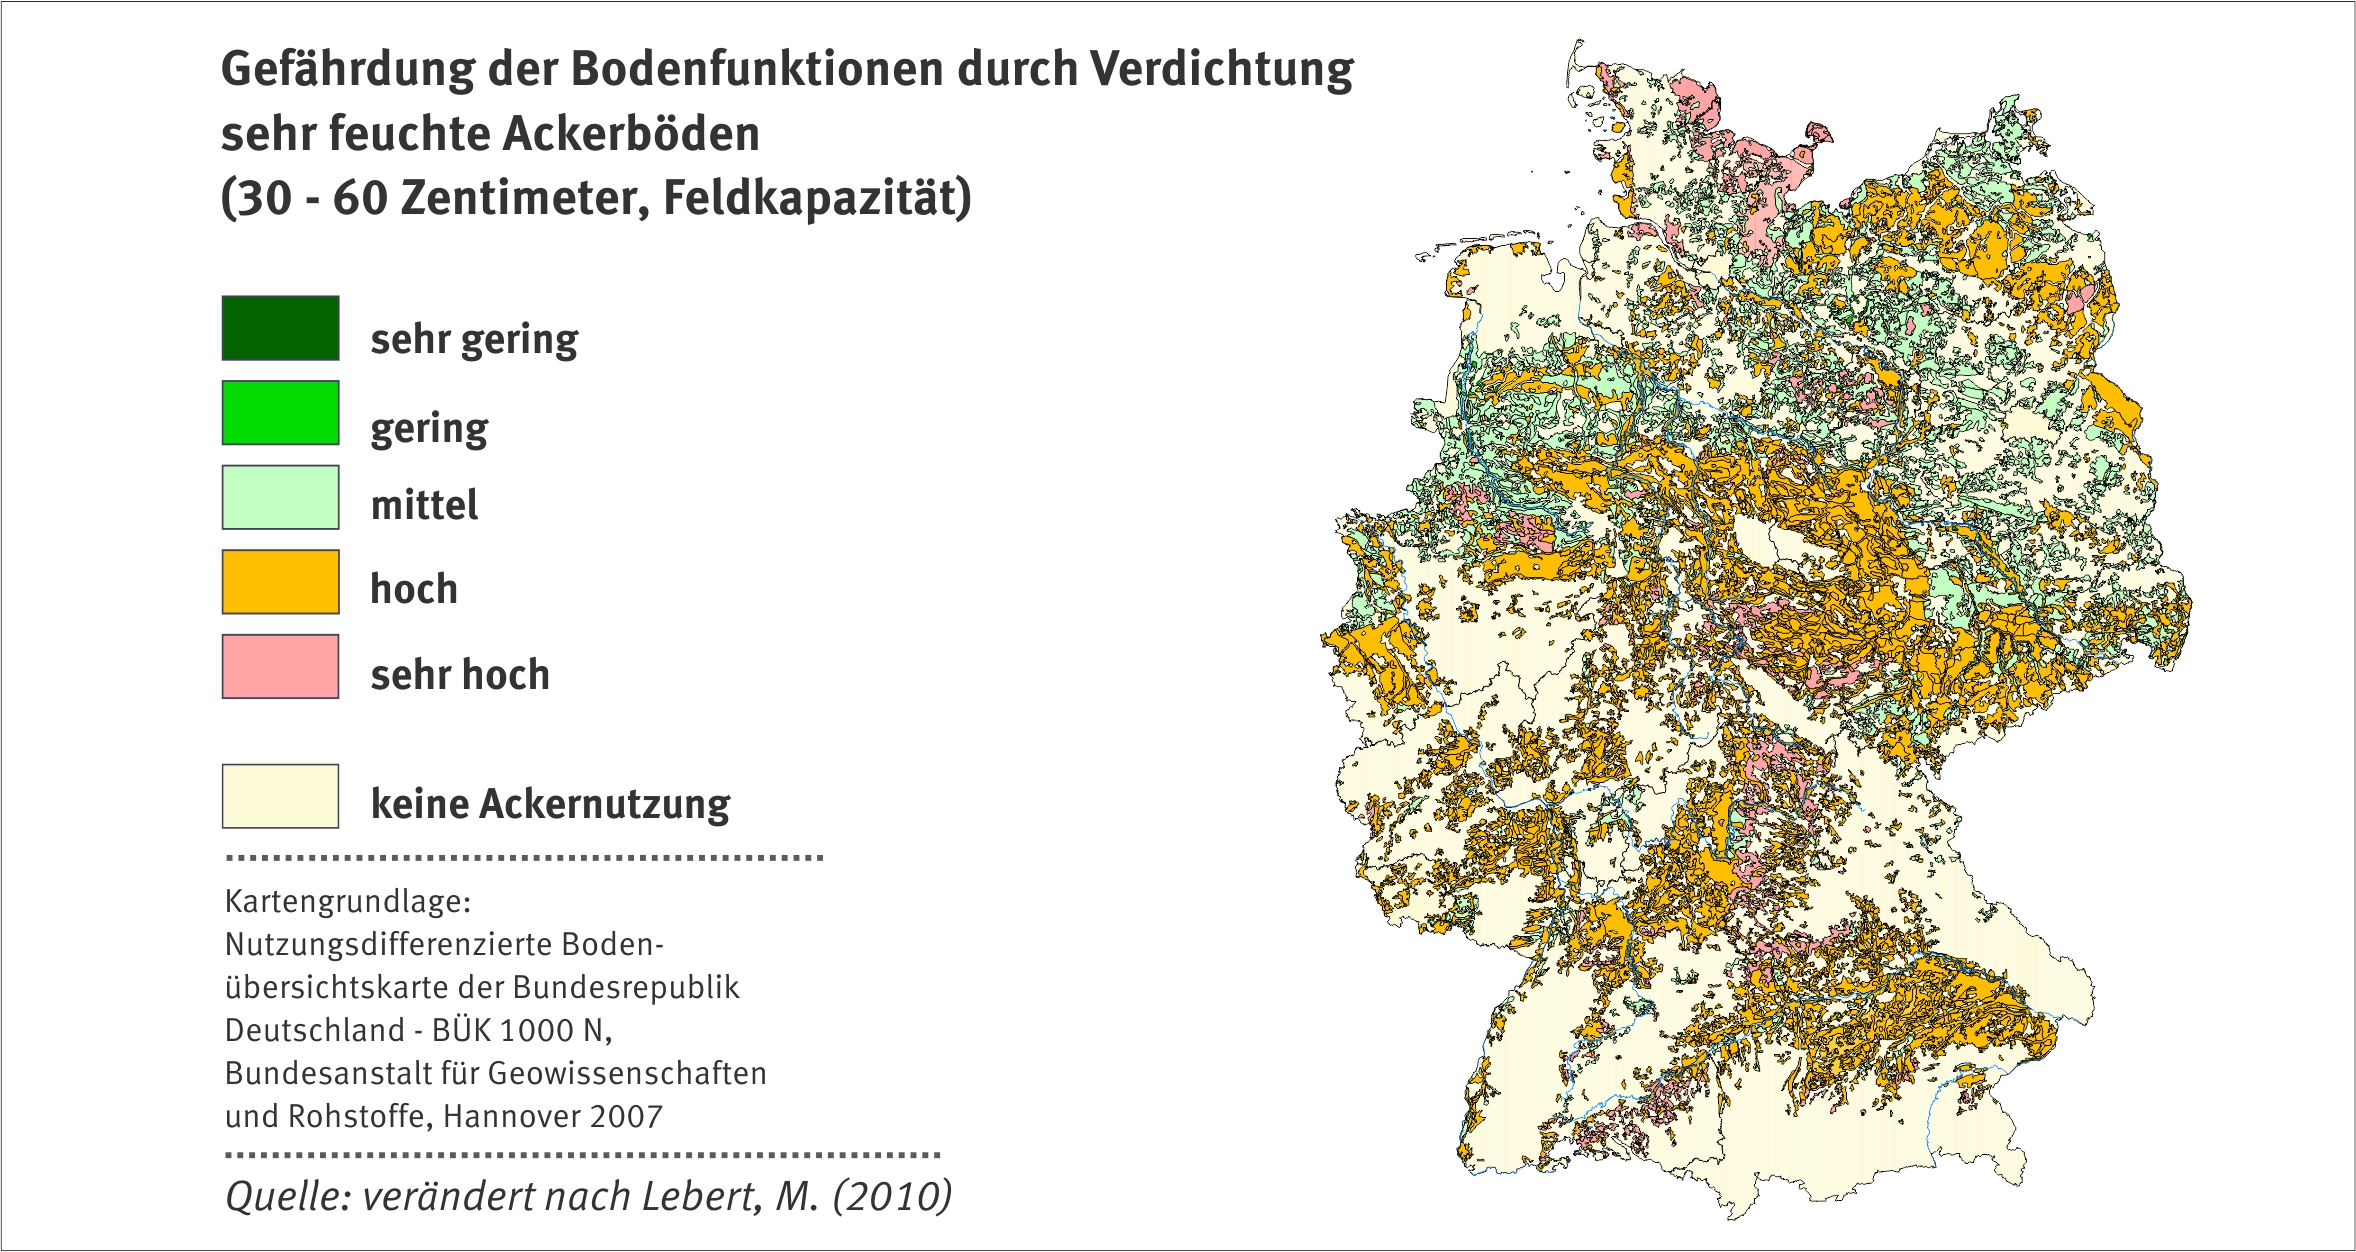 Verdichtung umweltbundesamt for Boden deutschland